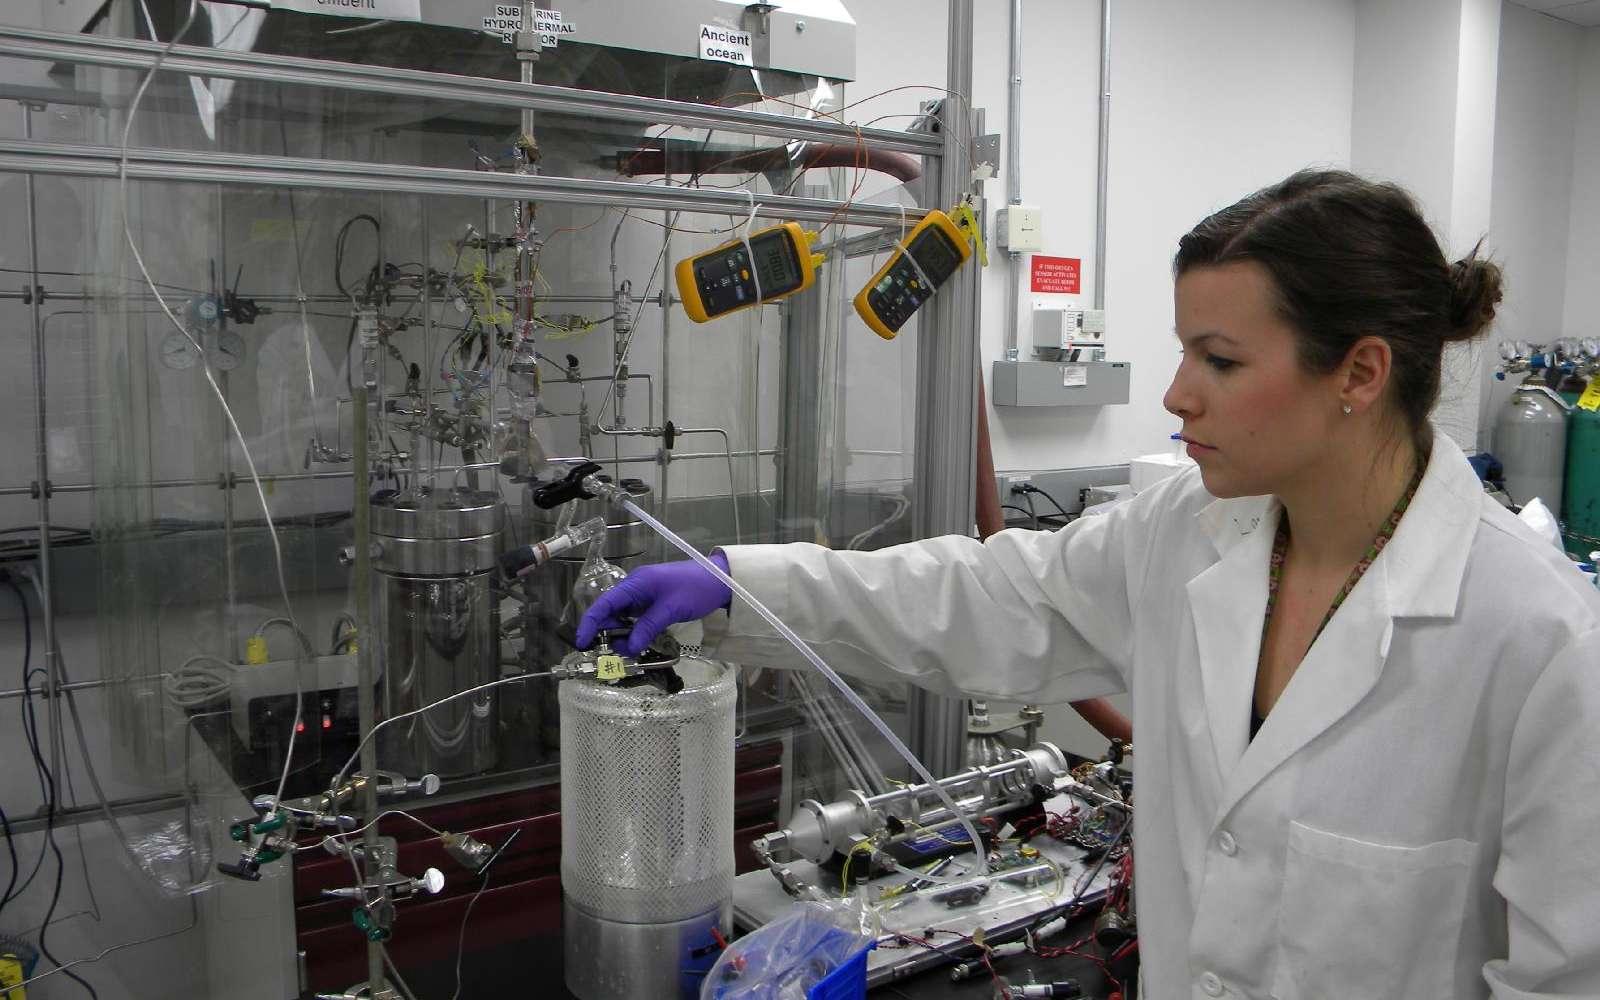 Lauren White, une exobiologiste de la Nasa, tourne une vanne pour faire pénétrer de l'eau de mer chargée en carbone (comme devaient l'être les océans de l'Hadéen) dans un matériau imitant une croûte océanique volcanique. Le tout est situé à l'intérieur d'un réacteur chimique simulant une cheminée hydrothermale. Son objectif est de savoir si l'on peut obtenir, en sortie de ce réacteur, des molécules organiques. En alternance, un liquide alcalin, similaire à celui circulant dans des évents hydrothermaux sur Terre, coule aussi. Le but est d'étudier la chimie prébiotique, voire l'apparition de la vie au fond d'un océan sur la Terre primitive ou dans les lunes glacées en orbite autour de Jupiter ou de Saturne. © Nasa, JPL-Caltech